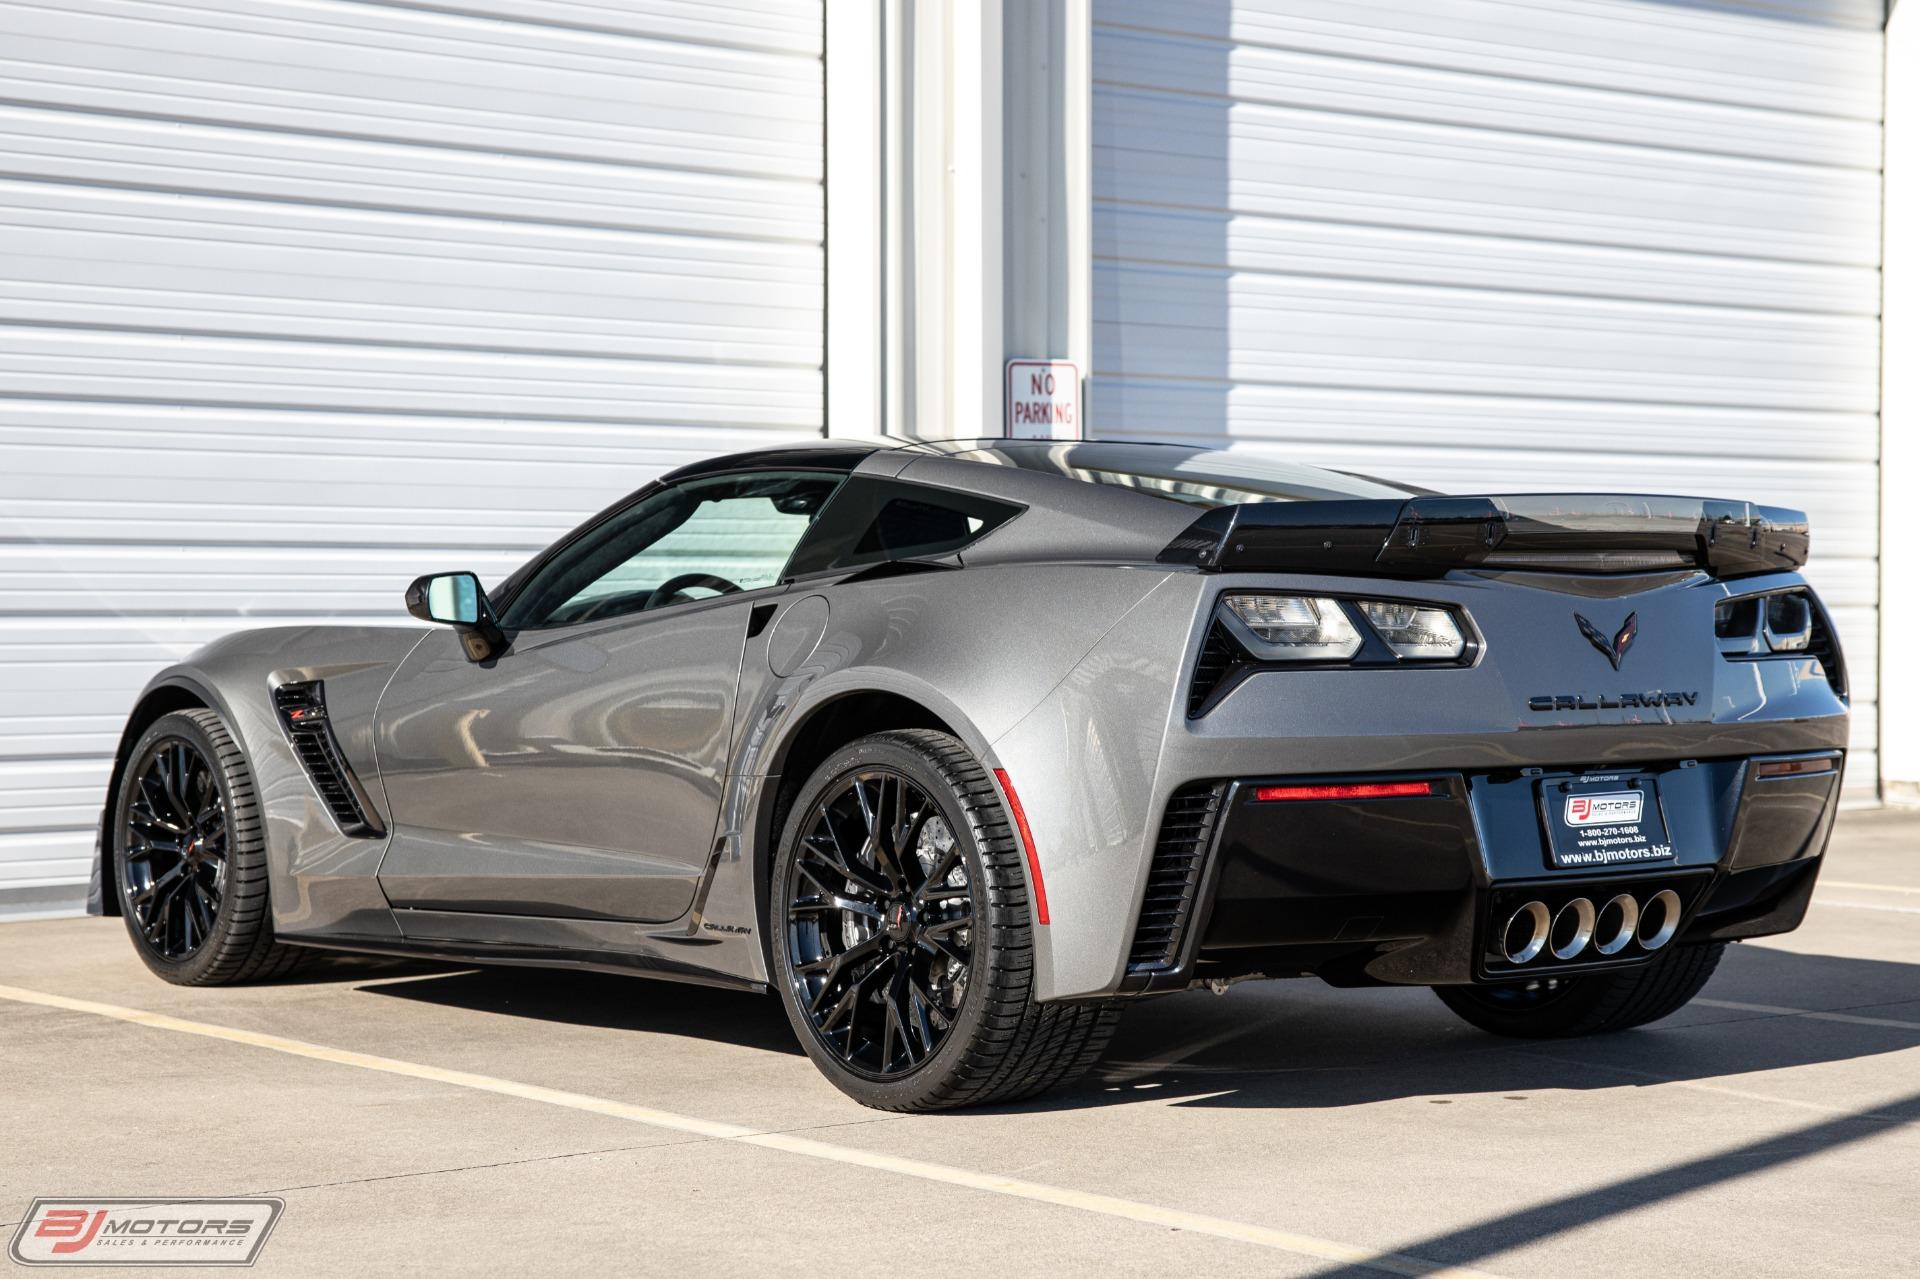 Used-2015-Chevrolet-Corvette-Z06-Callaway-SC757